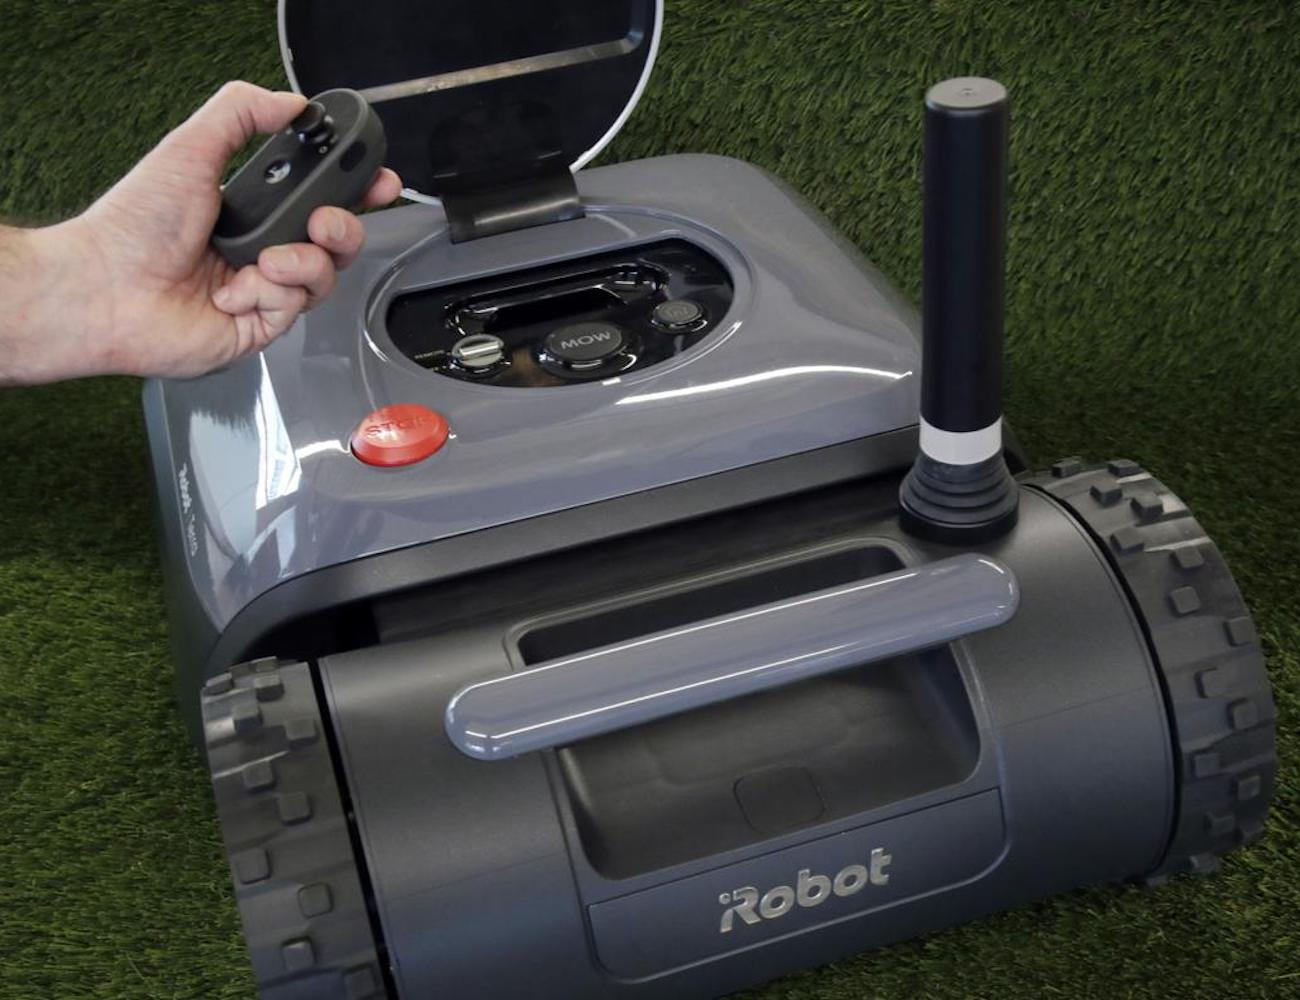 Irobot Terra Robot Lawn Mower 187 Gadget Flow